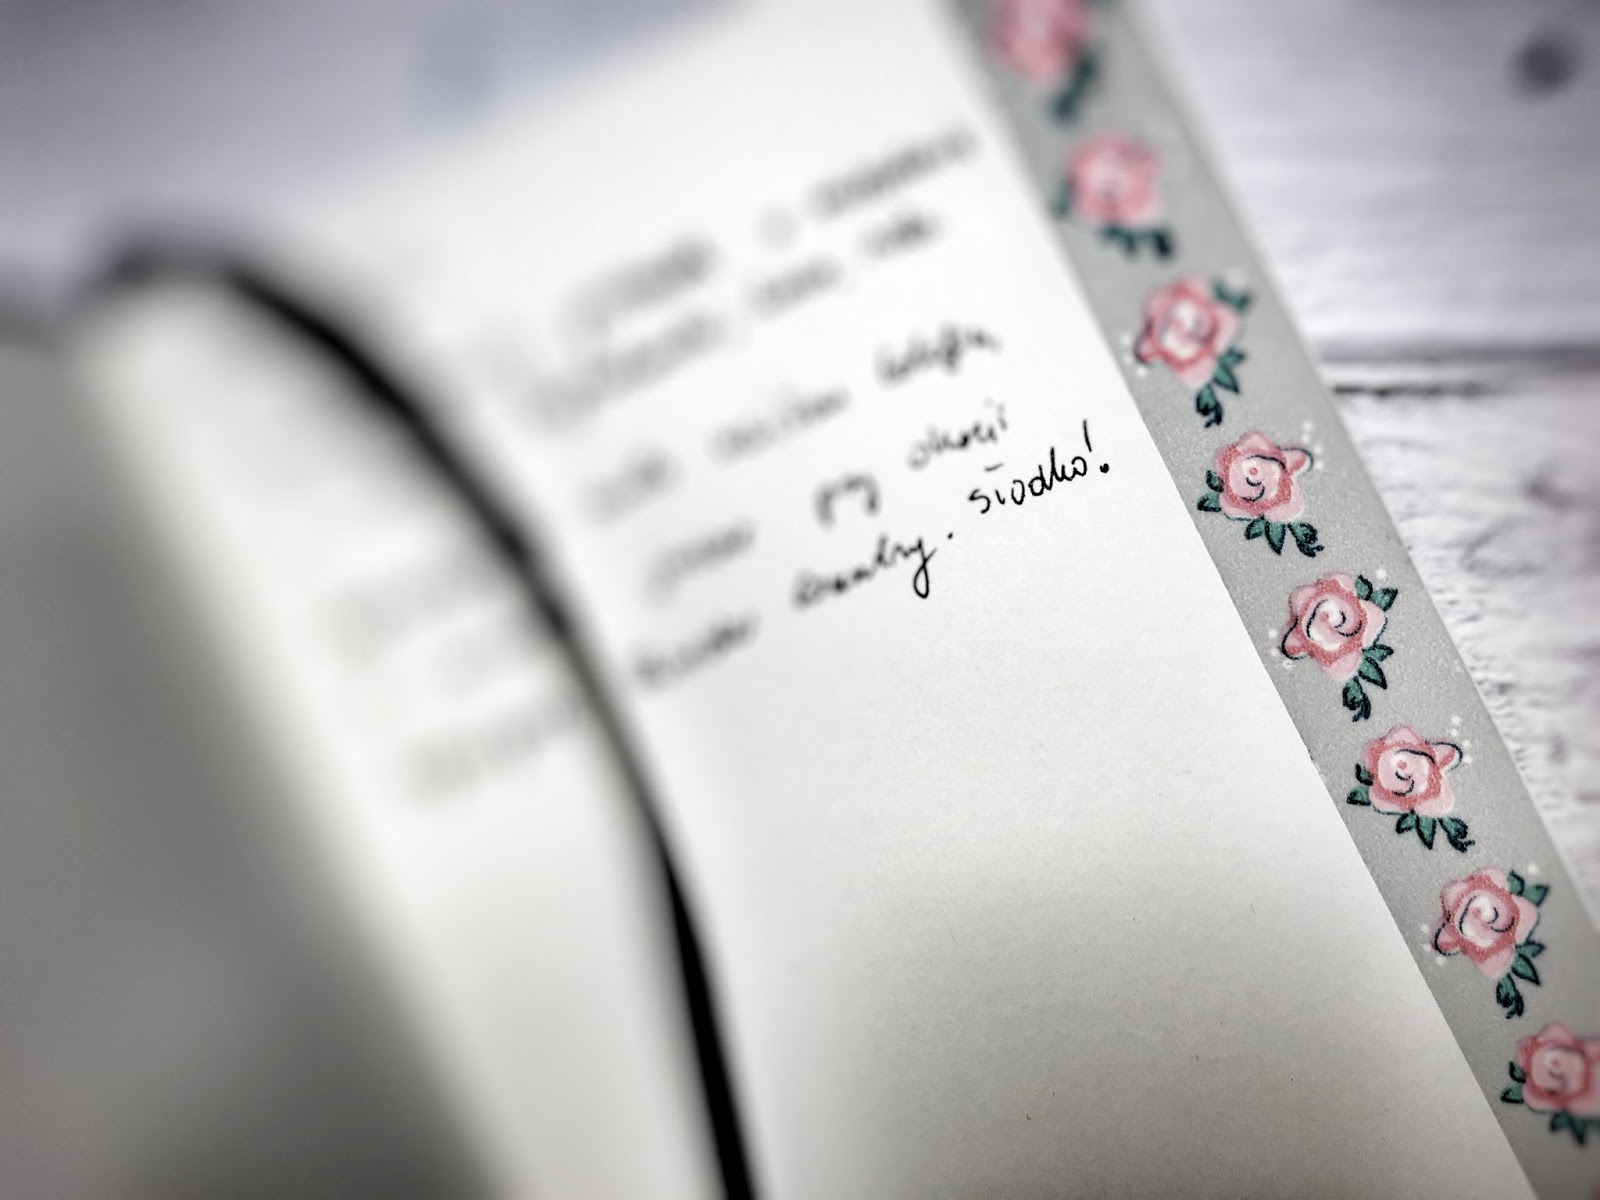 Zatrzymać wspomnienia - Notes dobrych rzeczy